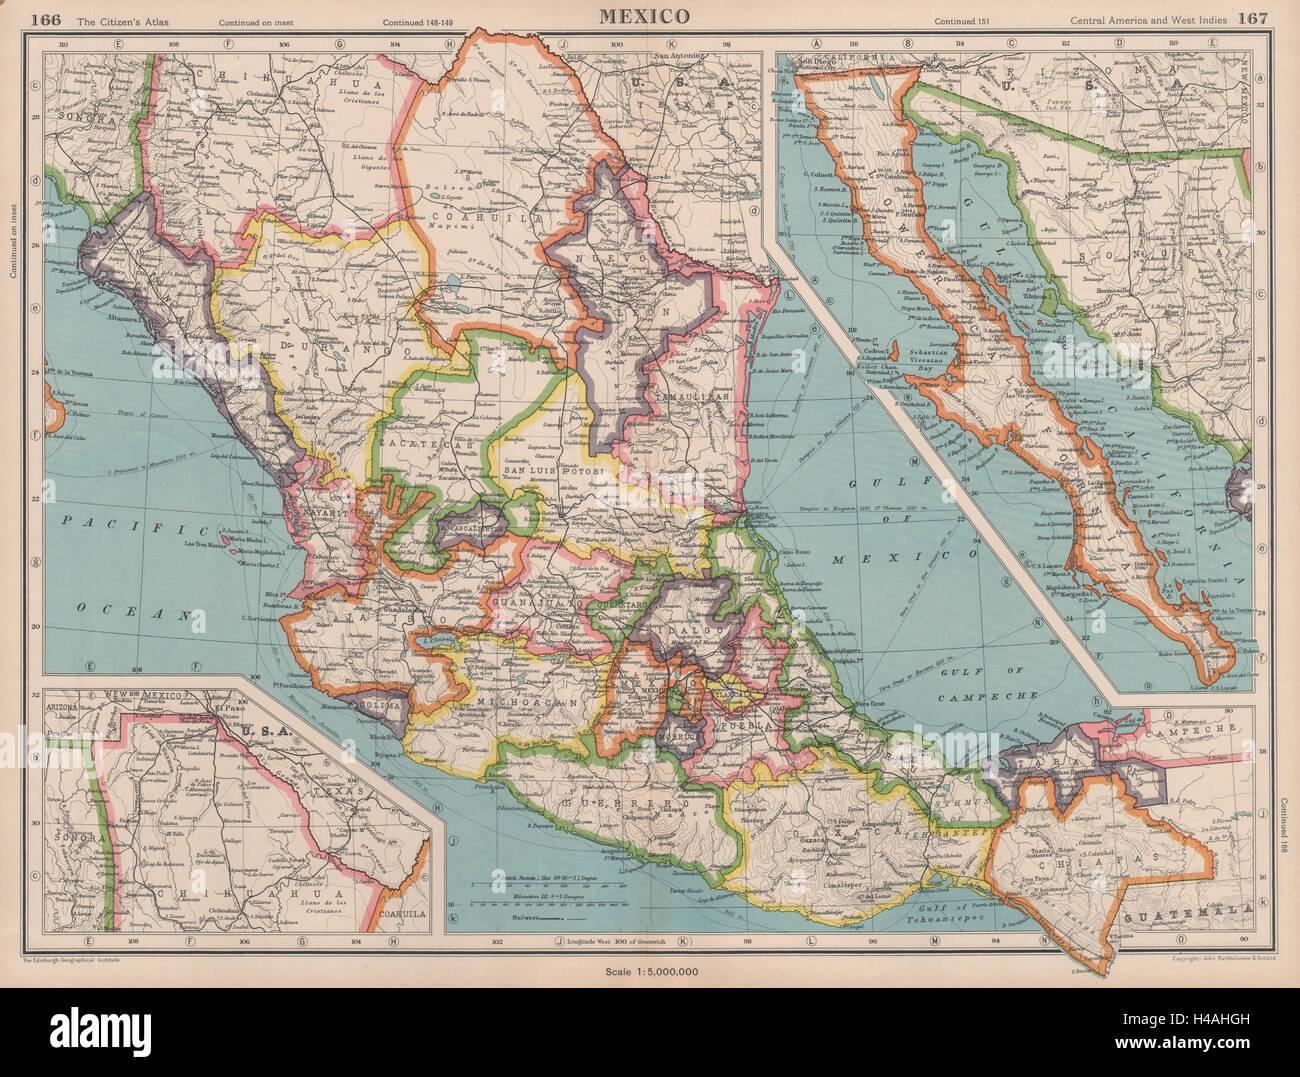 Mexiko Staaten Karte.Mexiko Staaten Zeigen Bartholomaus 1944 Alte Vintage Karte